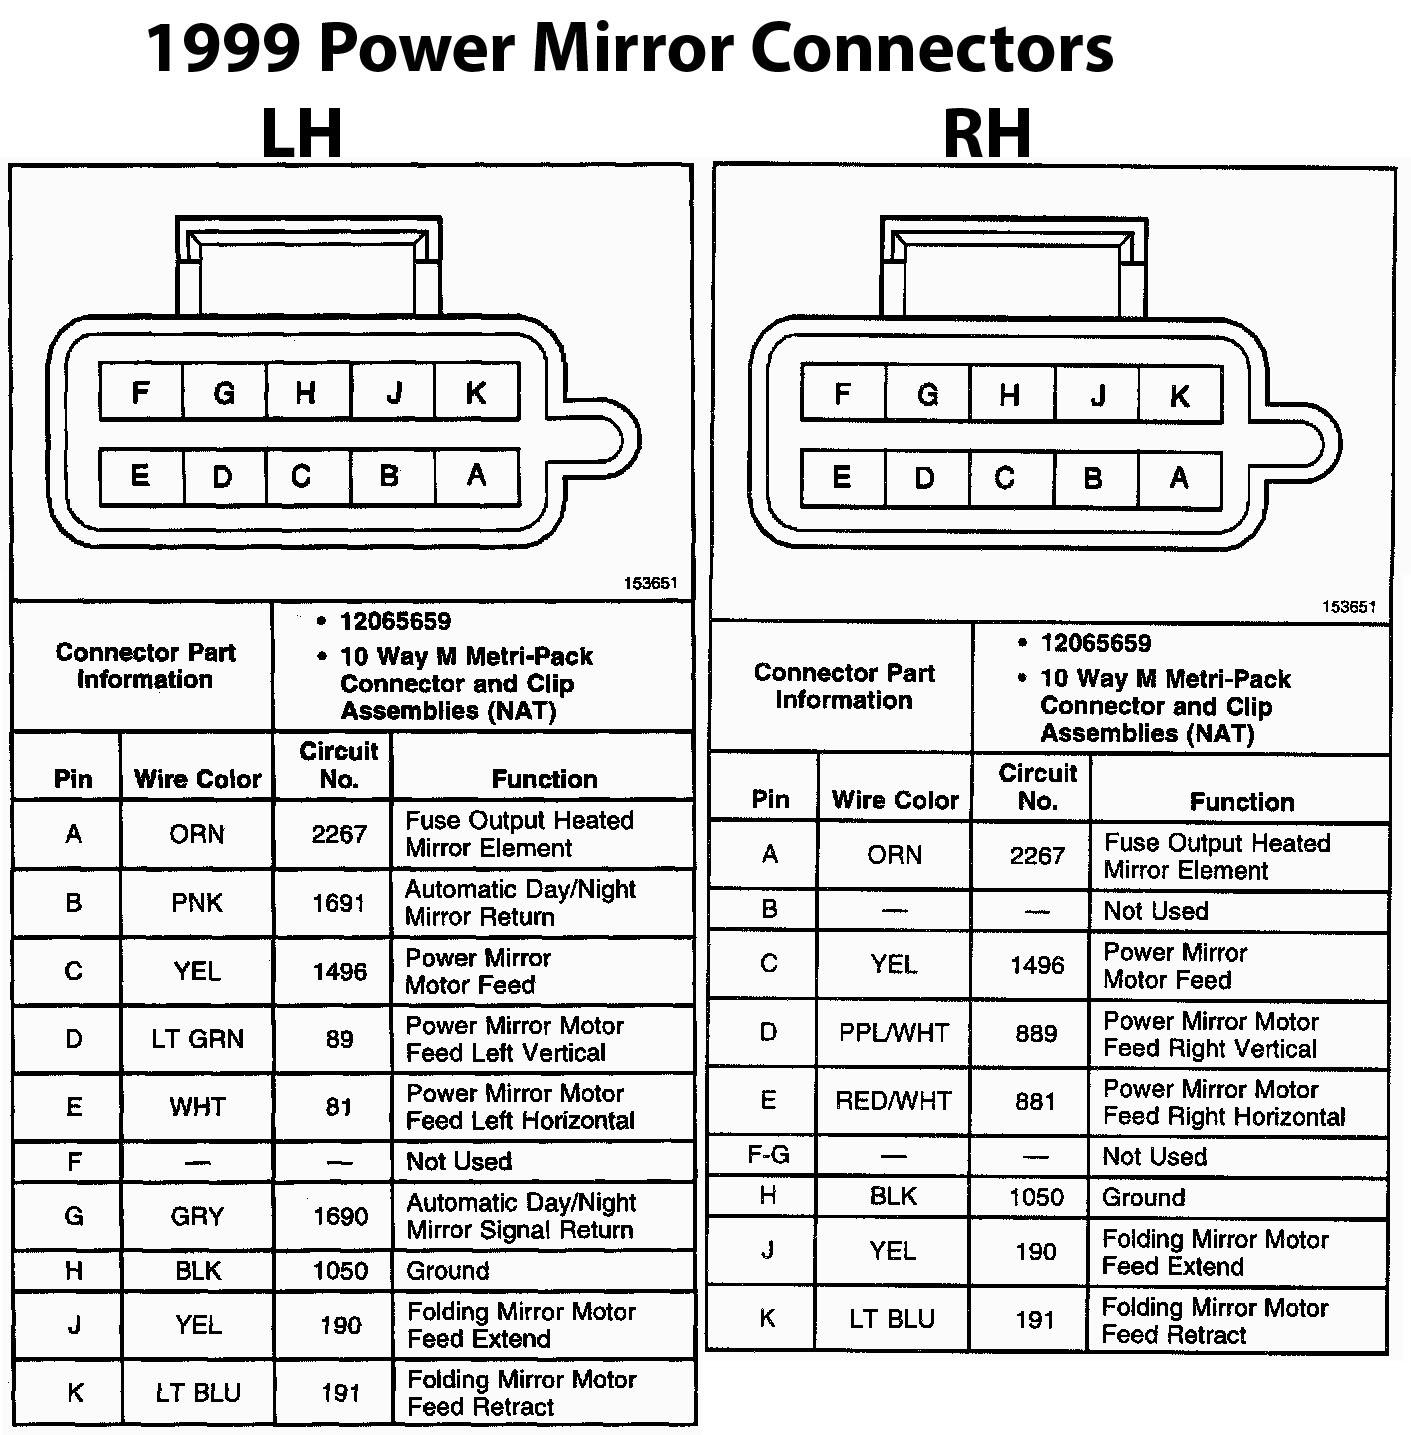 1992 S10 Fuse Panel Diagram | 2019 Ebook Library - 2002 Chevy Silverado Wiring Diagram